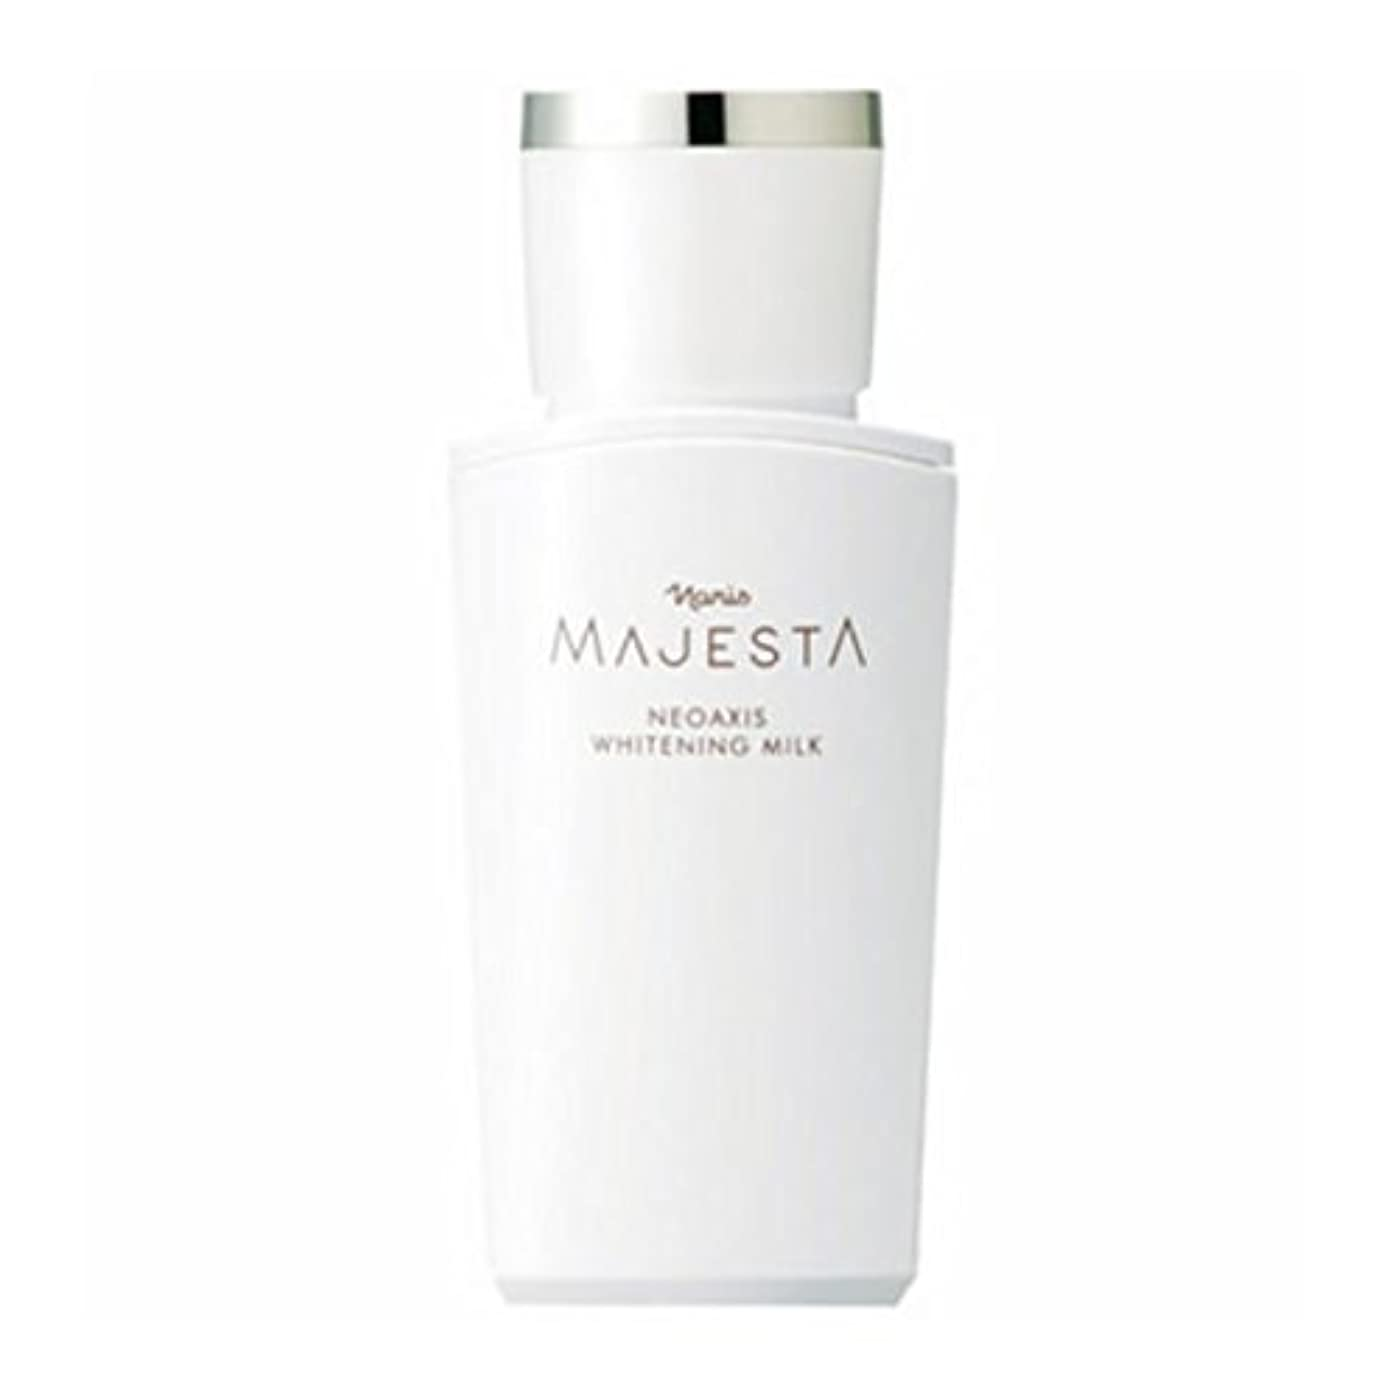 発掘する居住者クリックナリス化粧品 マジェスタ ネオアクシス ホワイトニング ミルク (薬用 美白乳液) 80ml